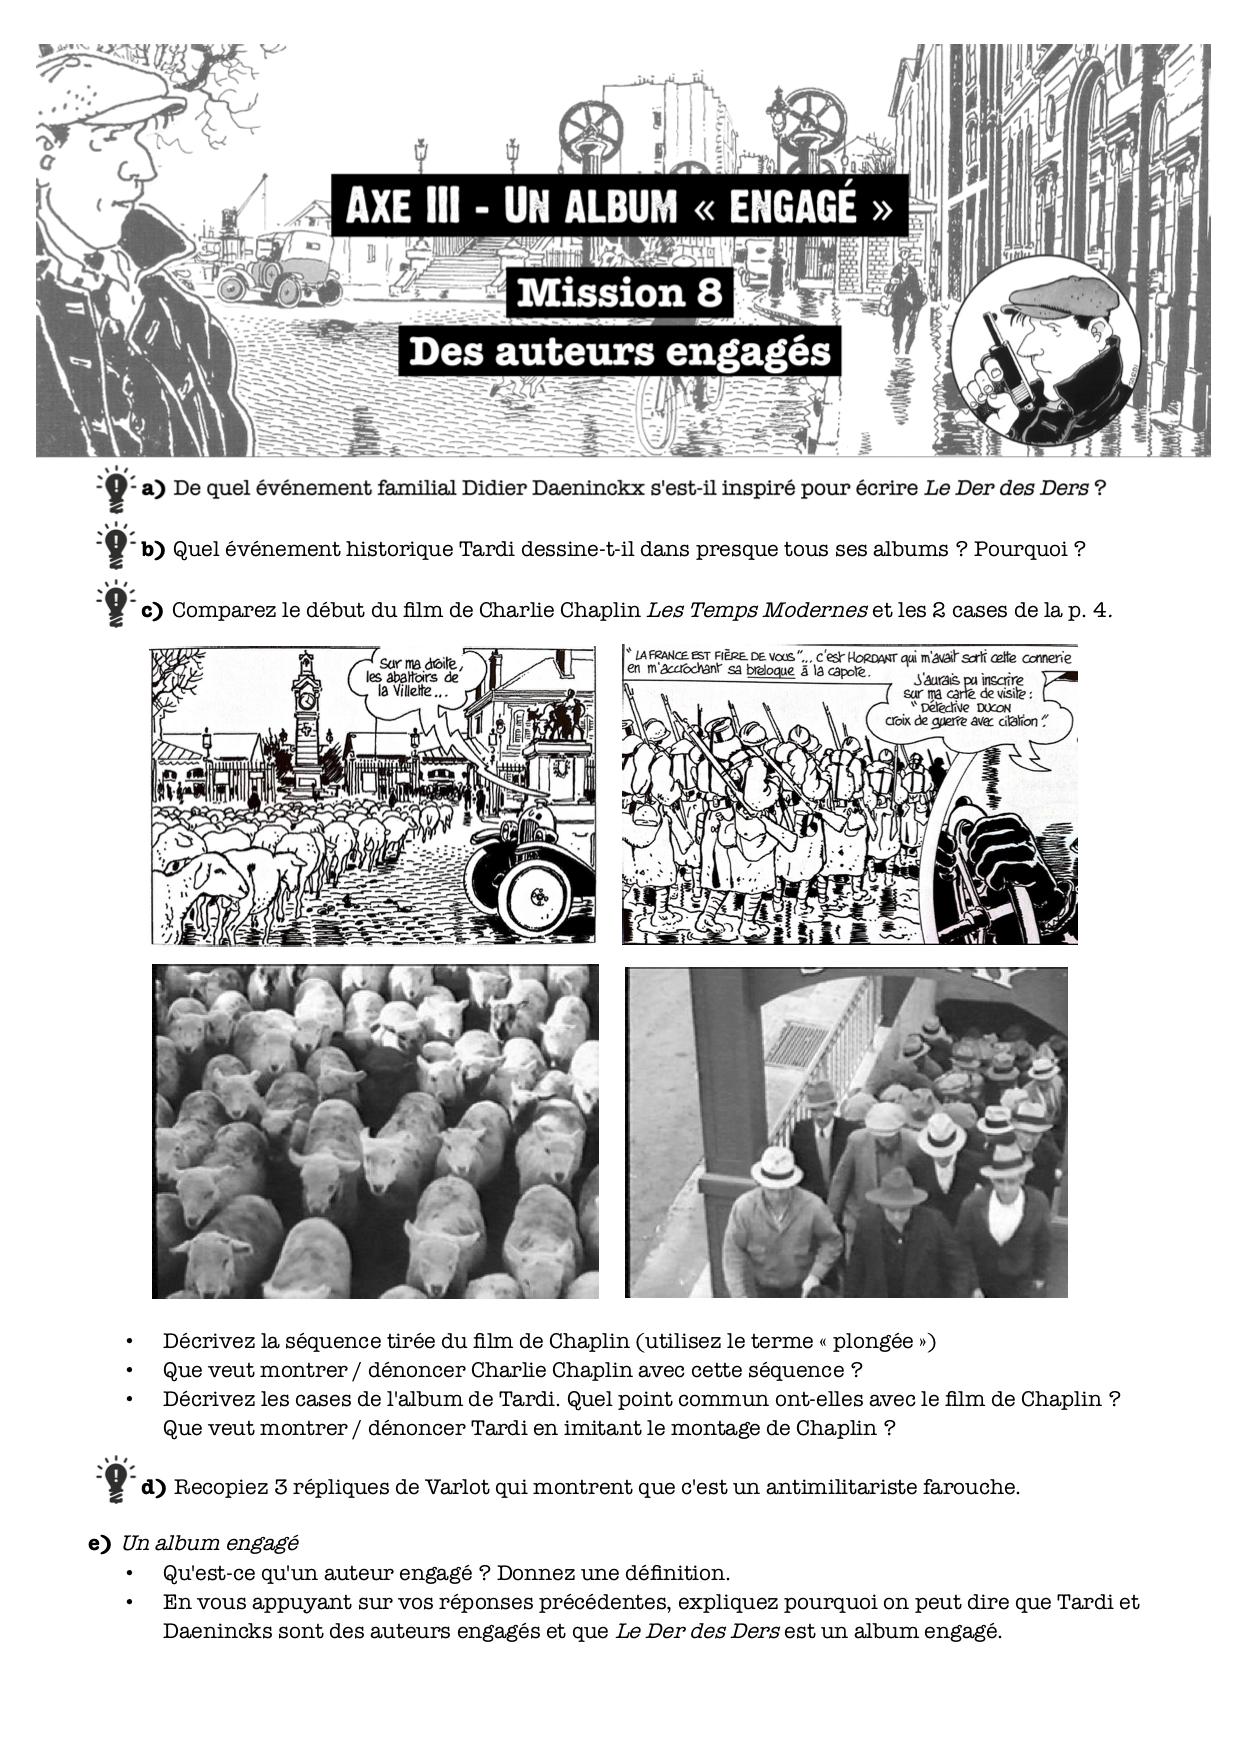 Der des Ders - mission 8